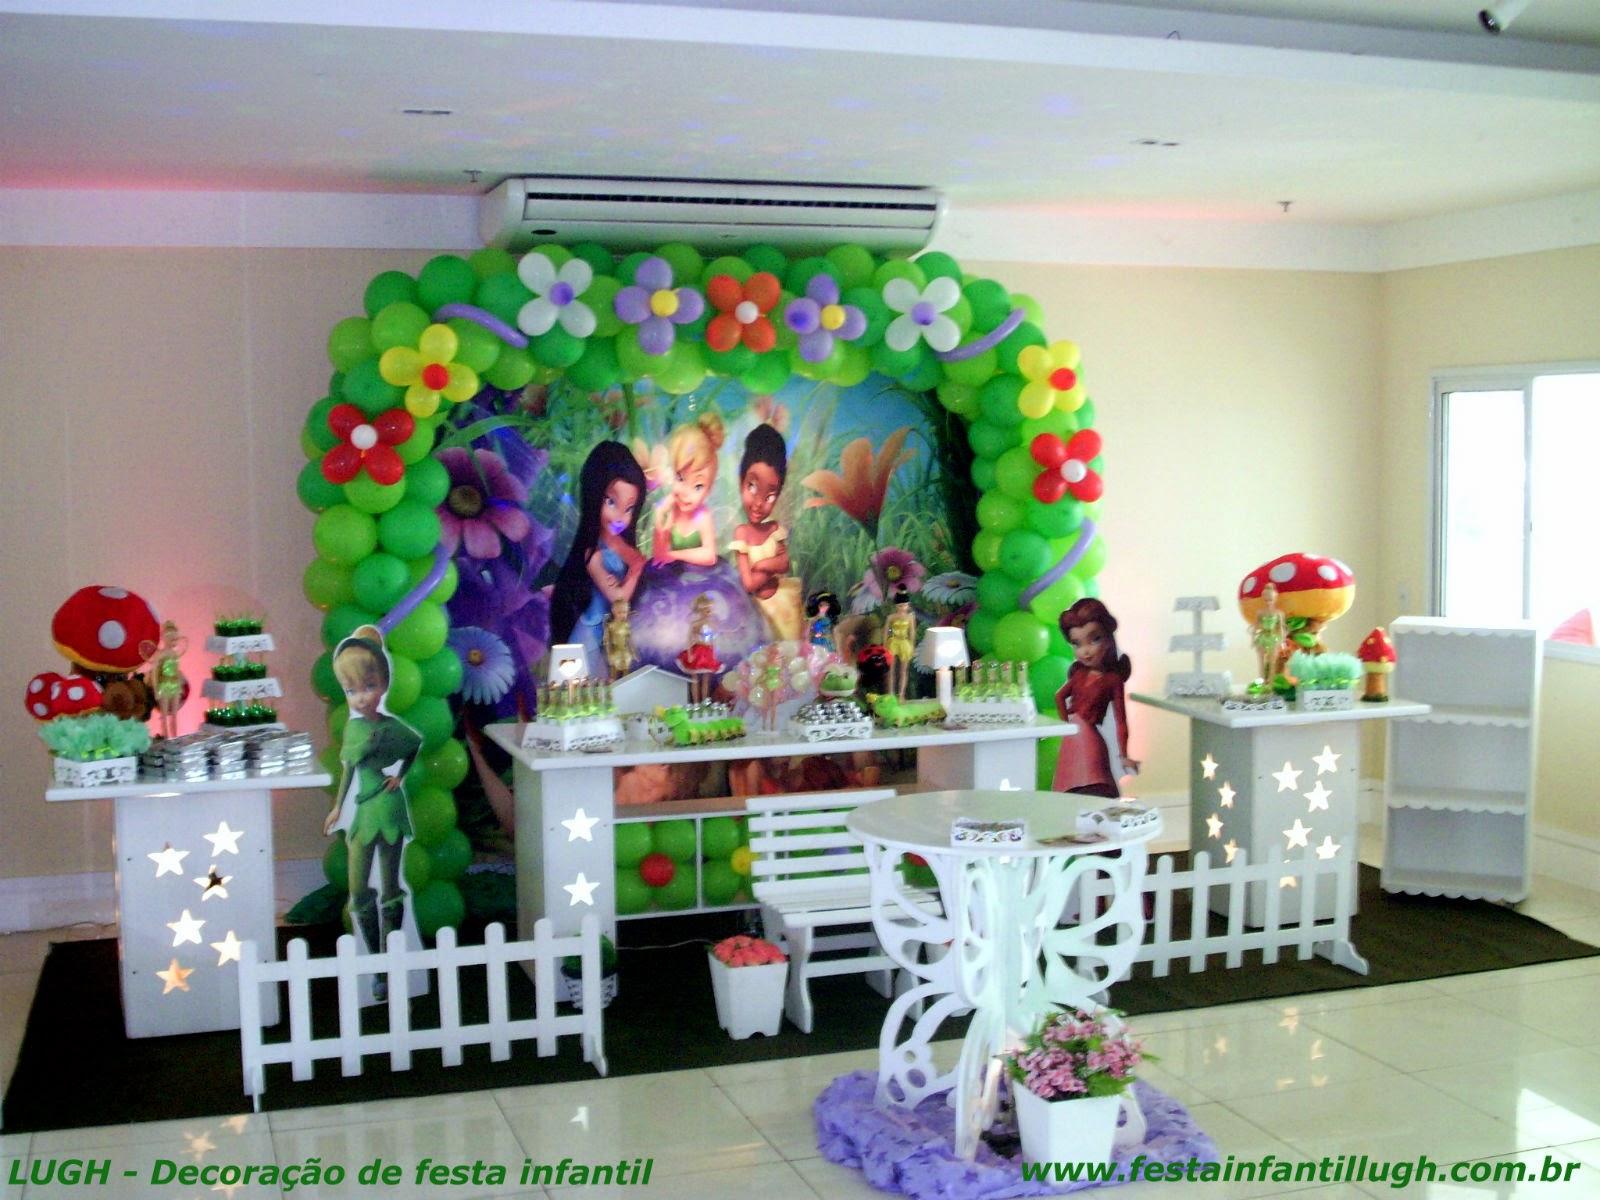 Decoração com mesa provençal para festa temática de aniversário infantil